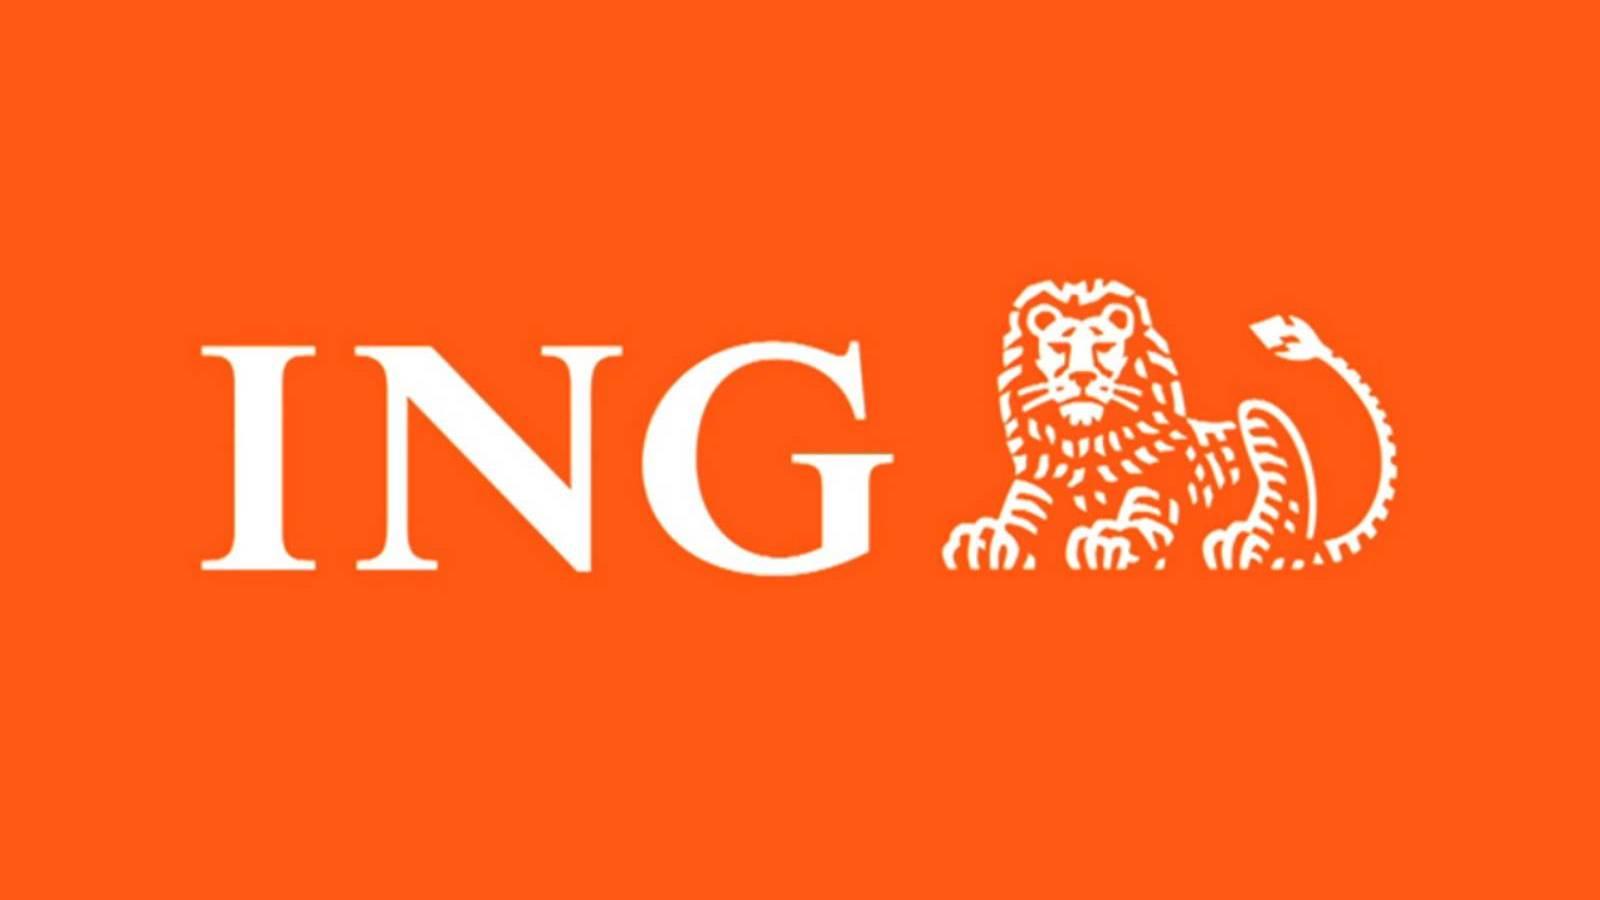 ING Bank alerta